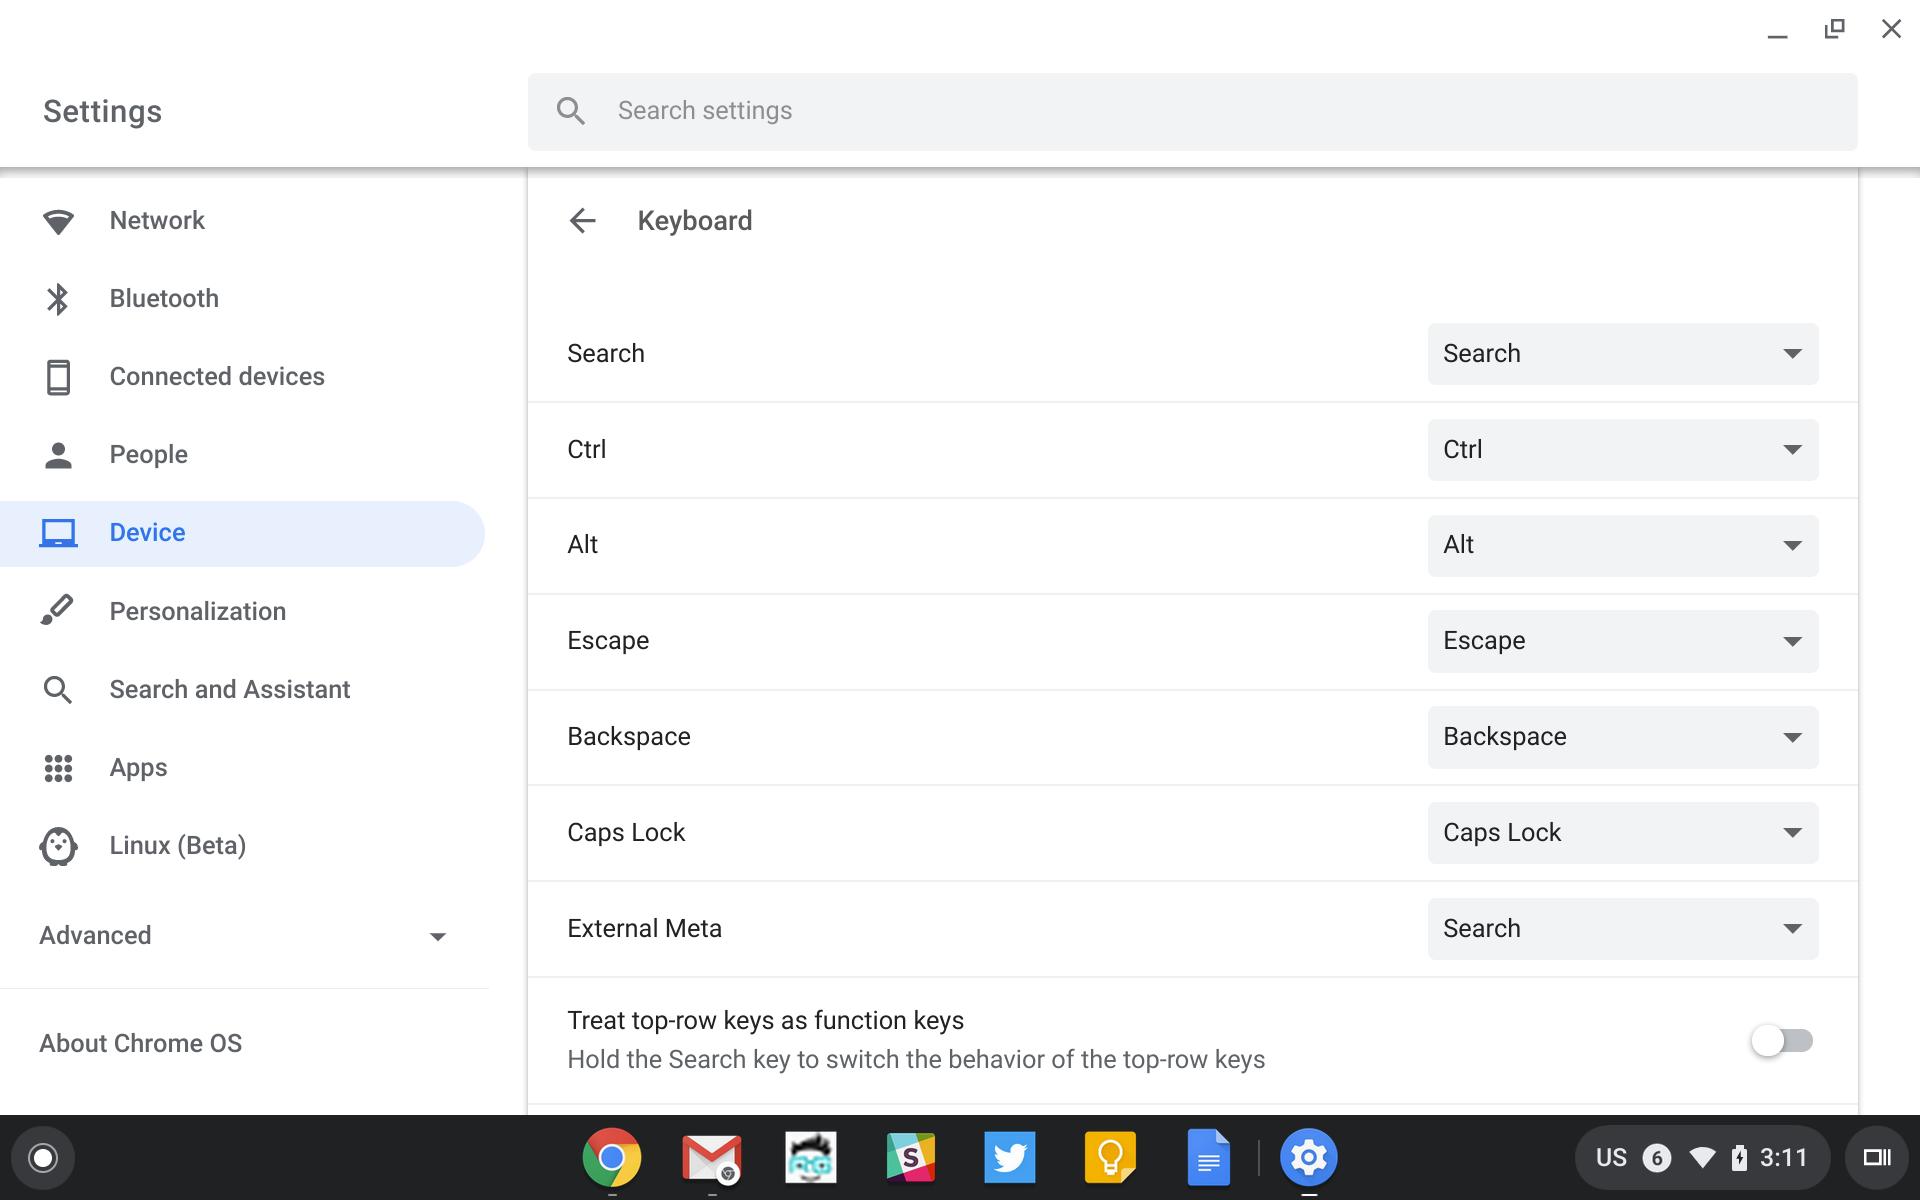 Chrome OS keyboard settings menu